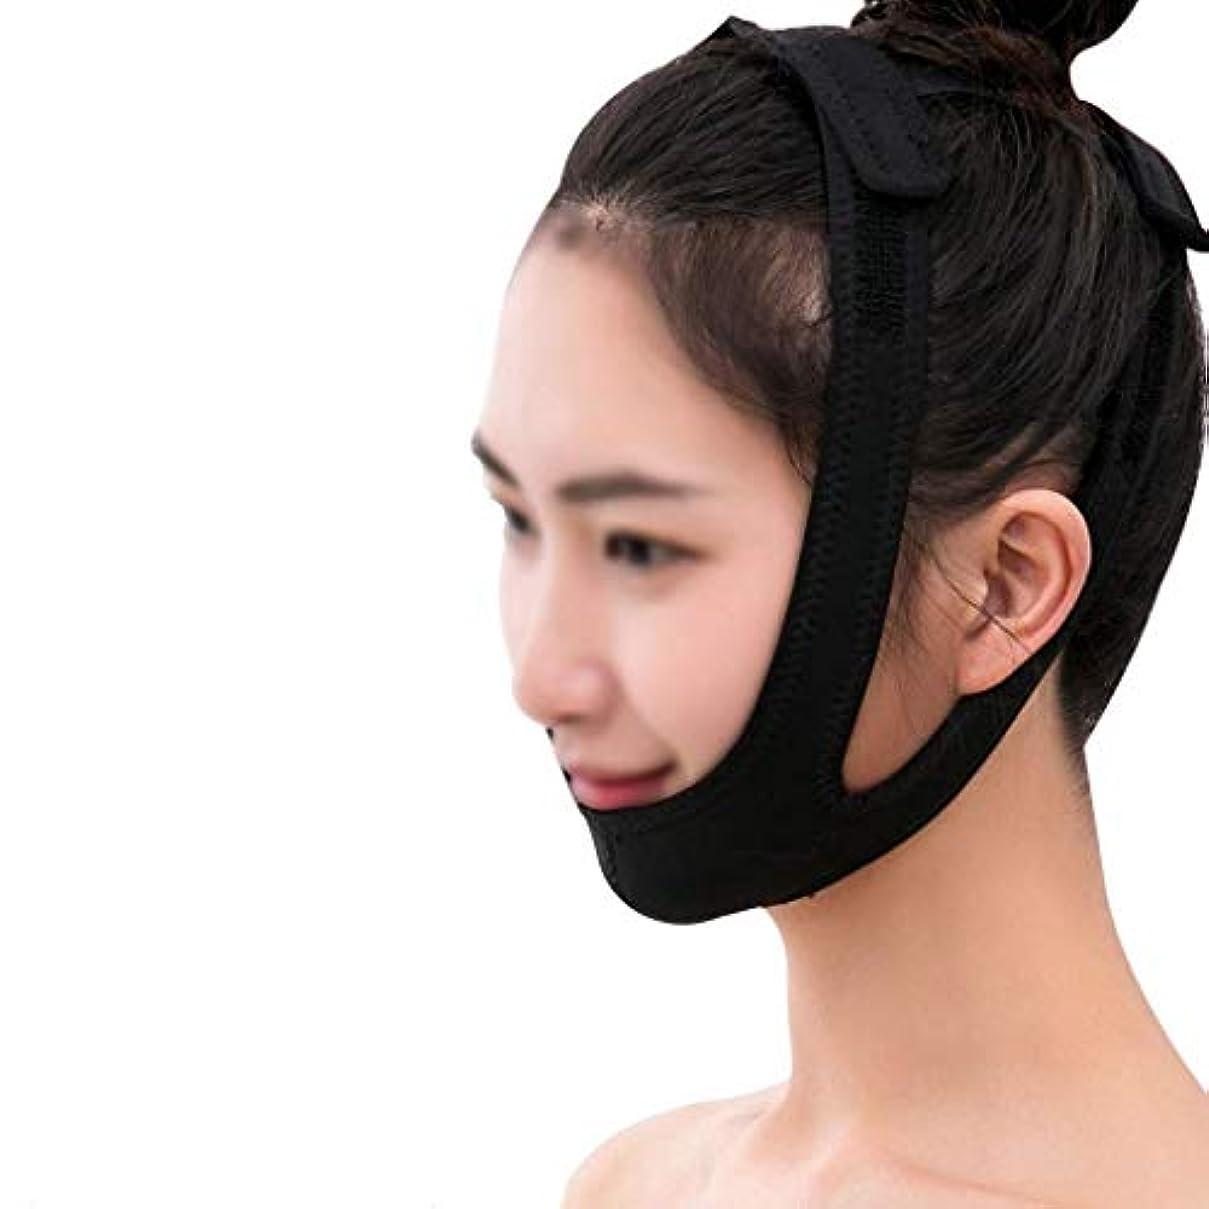 臭い削る異常フェイスリフティング包帯、術後の顔の回復包帯リフティングスキンアーティファクトアンチシワ薄い二重あご包帯